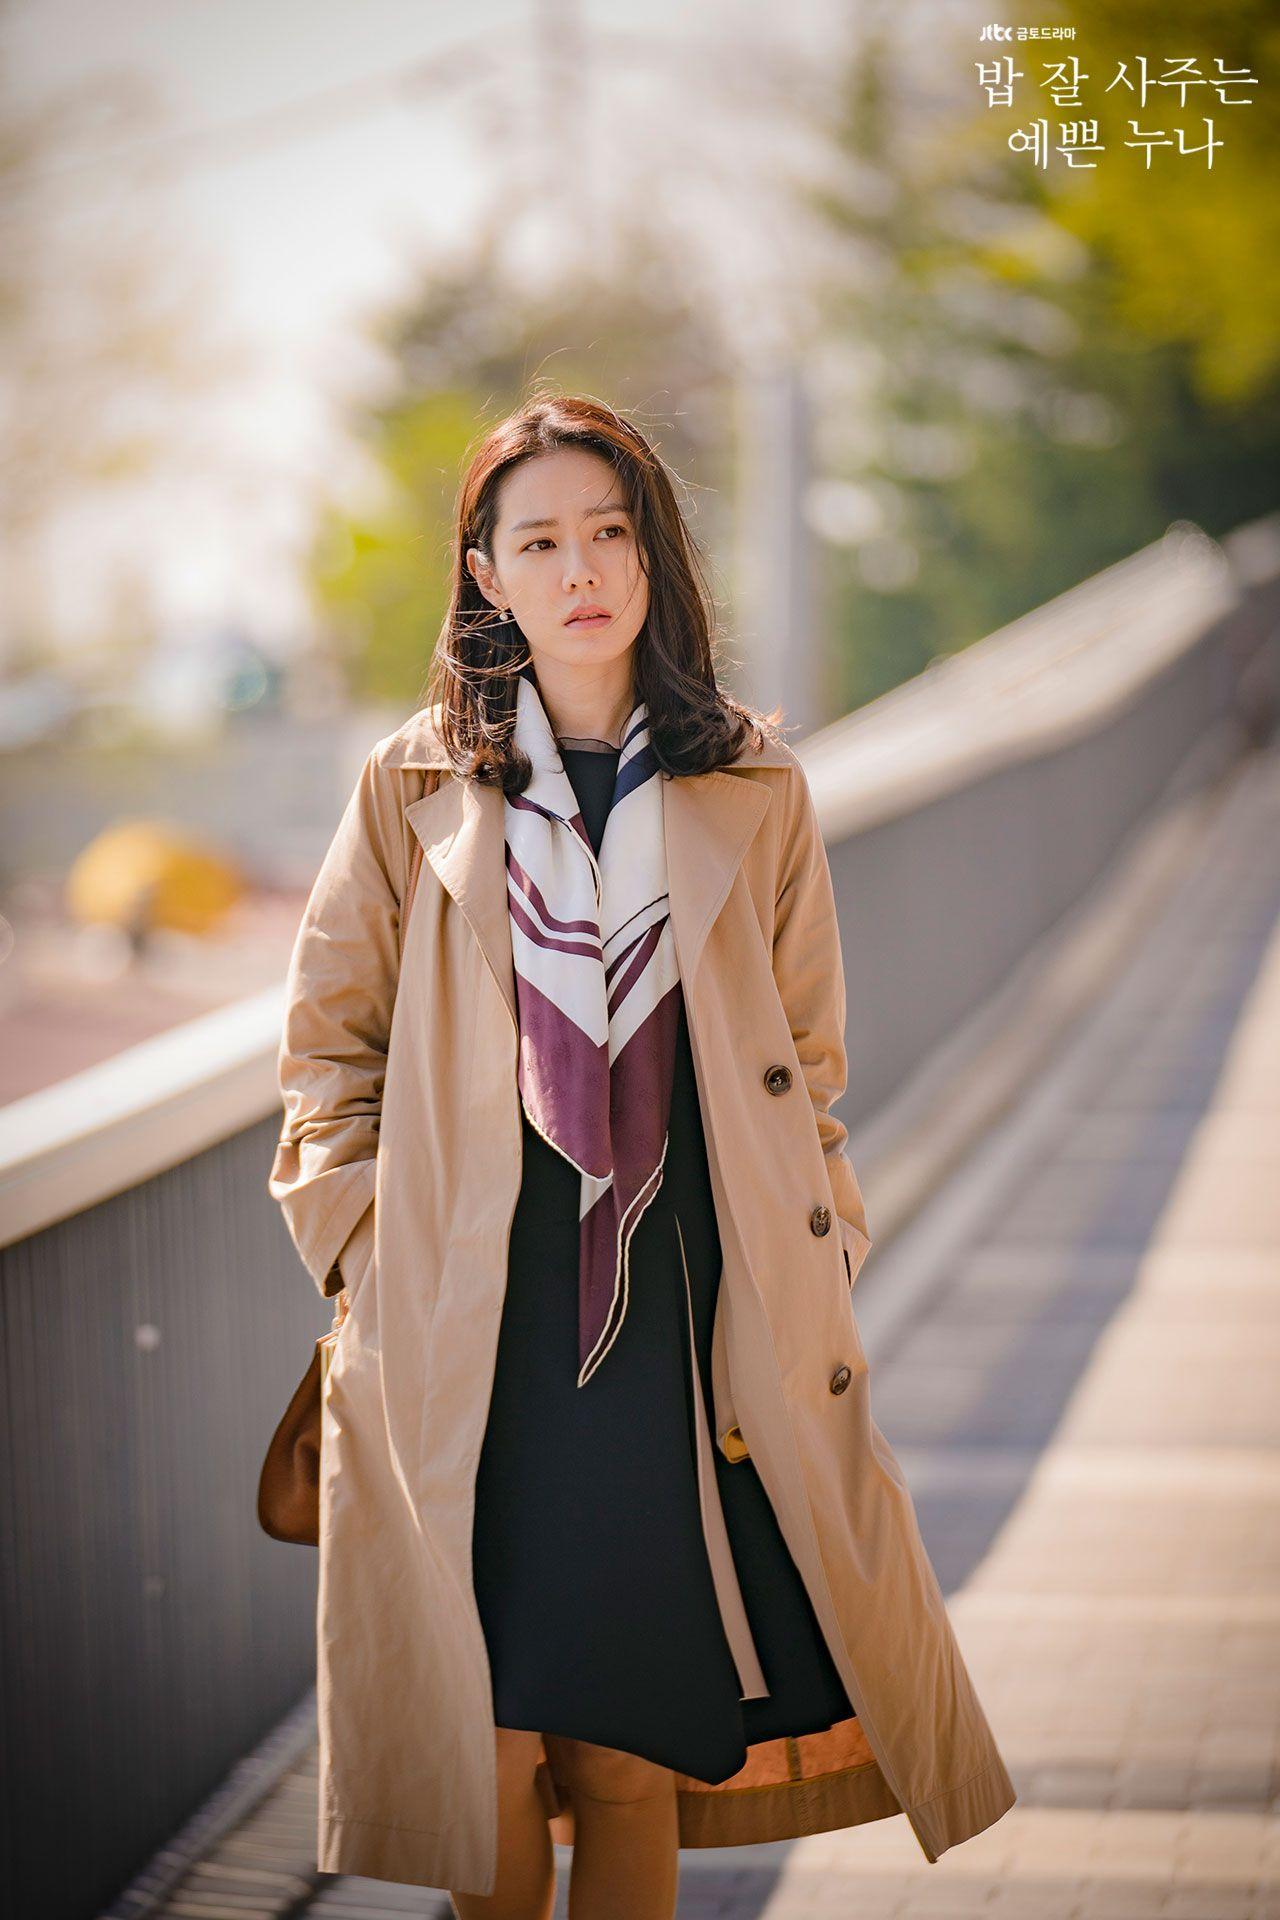 5 kiểu áo khoác chưa bao giờ hết mốt trong phim Hàn, sắm đủ thì bạn sẽ mặc đẹp và sang hơn hẳn mùa lạnh năm ngoái 1